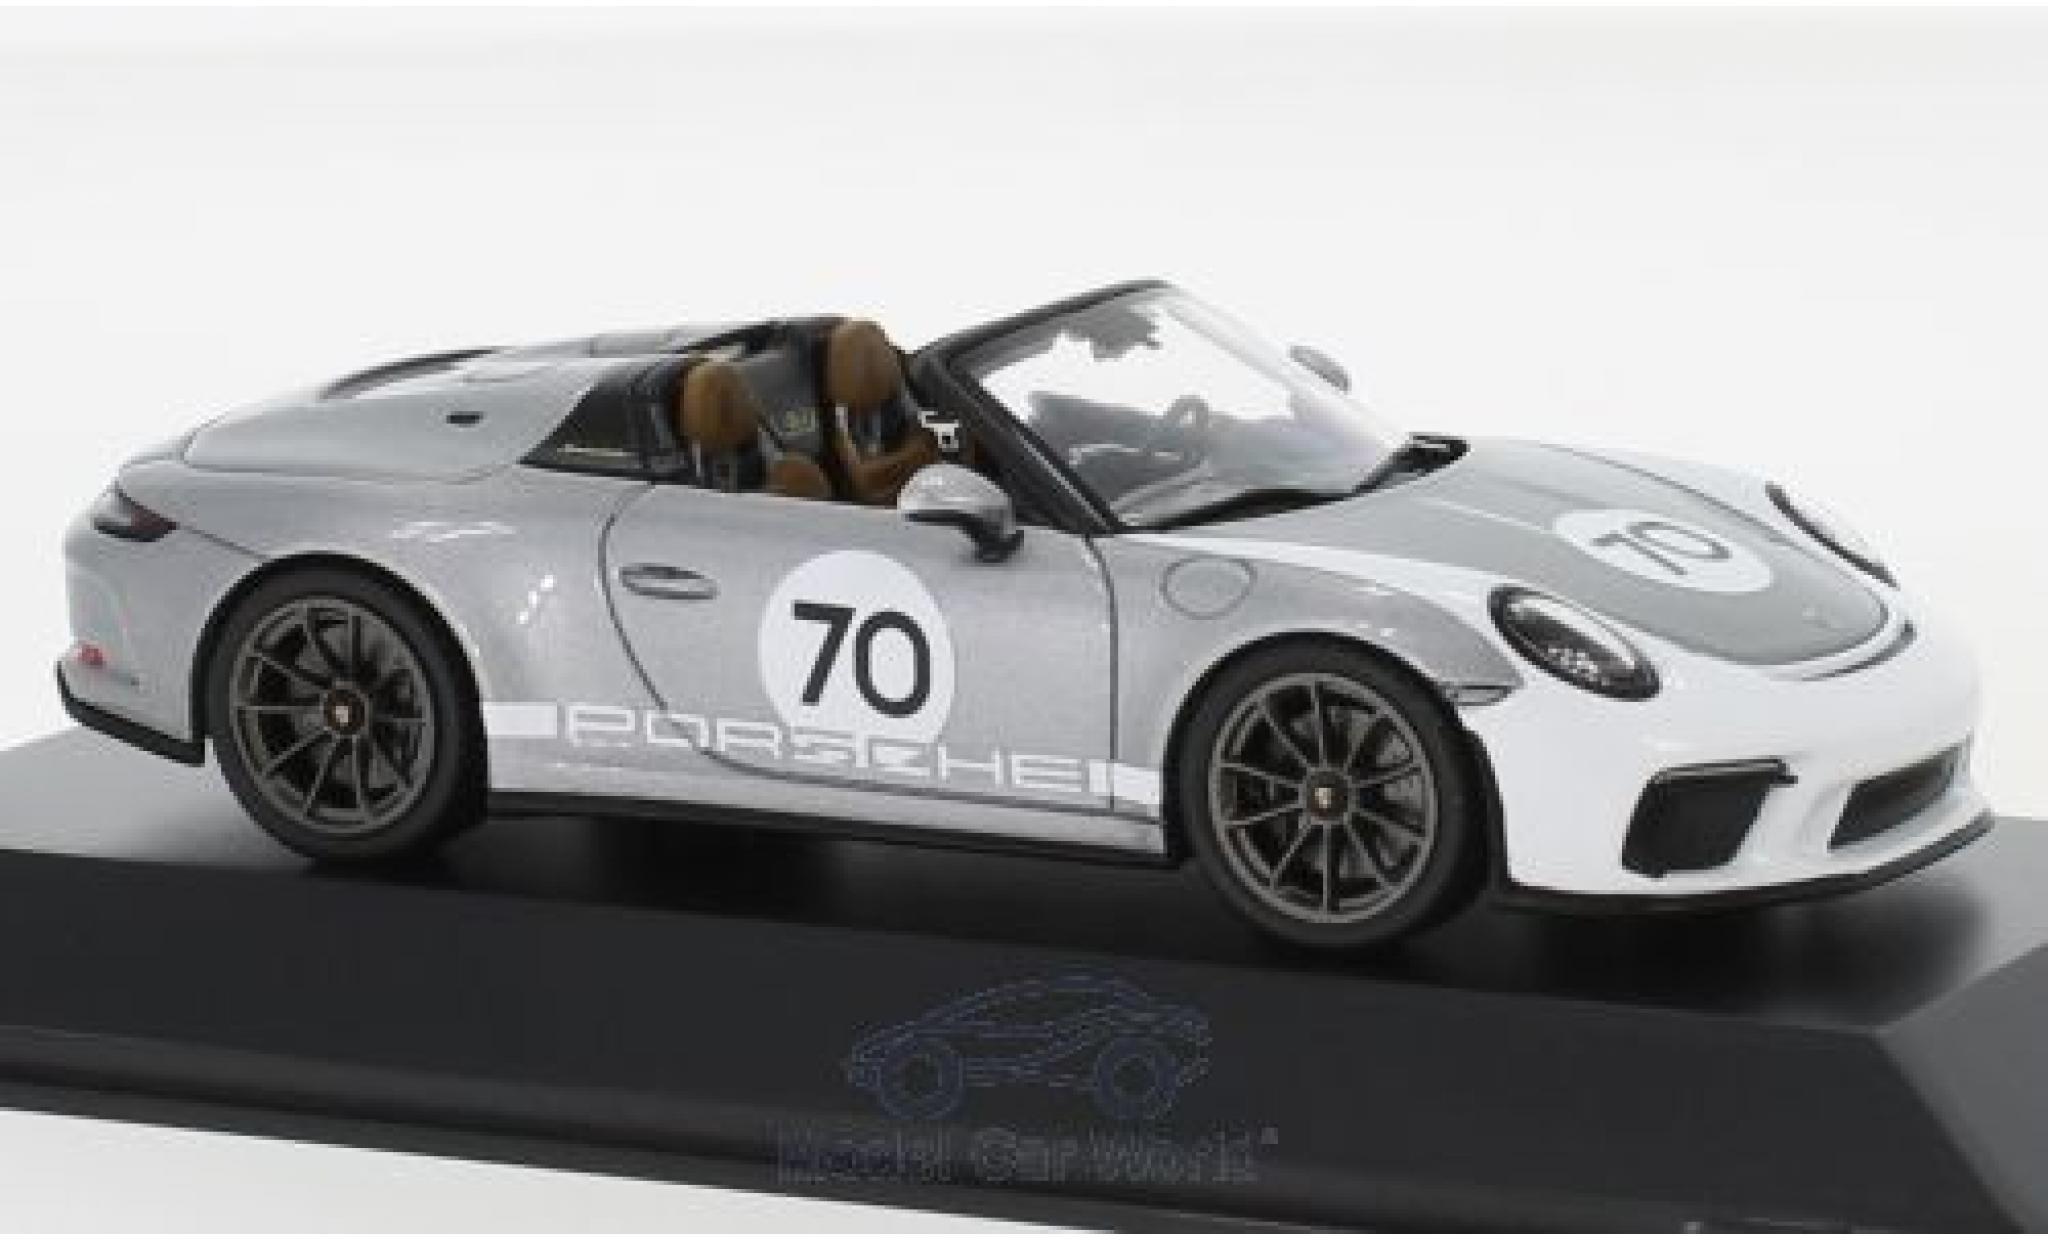 Porsche 911 1/43 I Spark (991 II) Speedster grise/blanche 2019 #70 Heritage Design Package